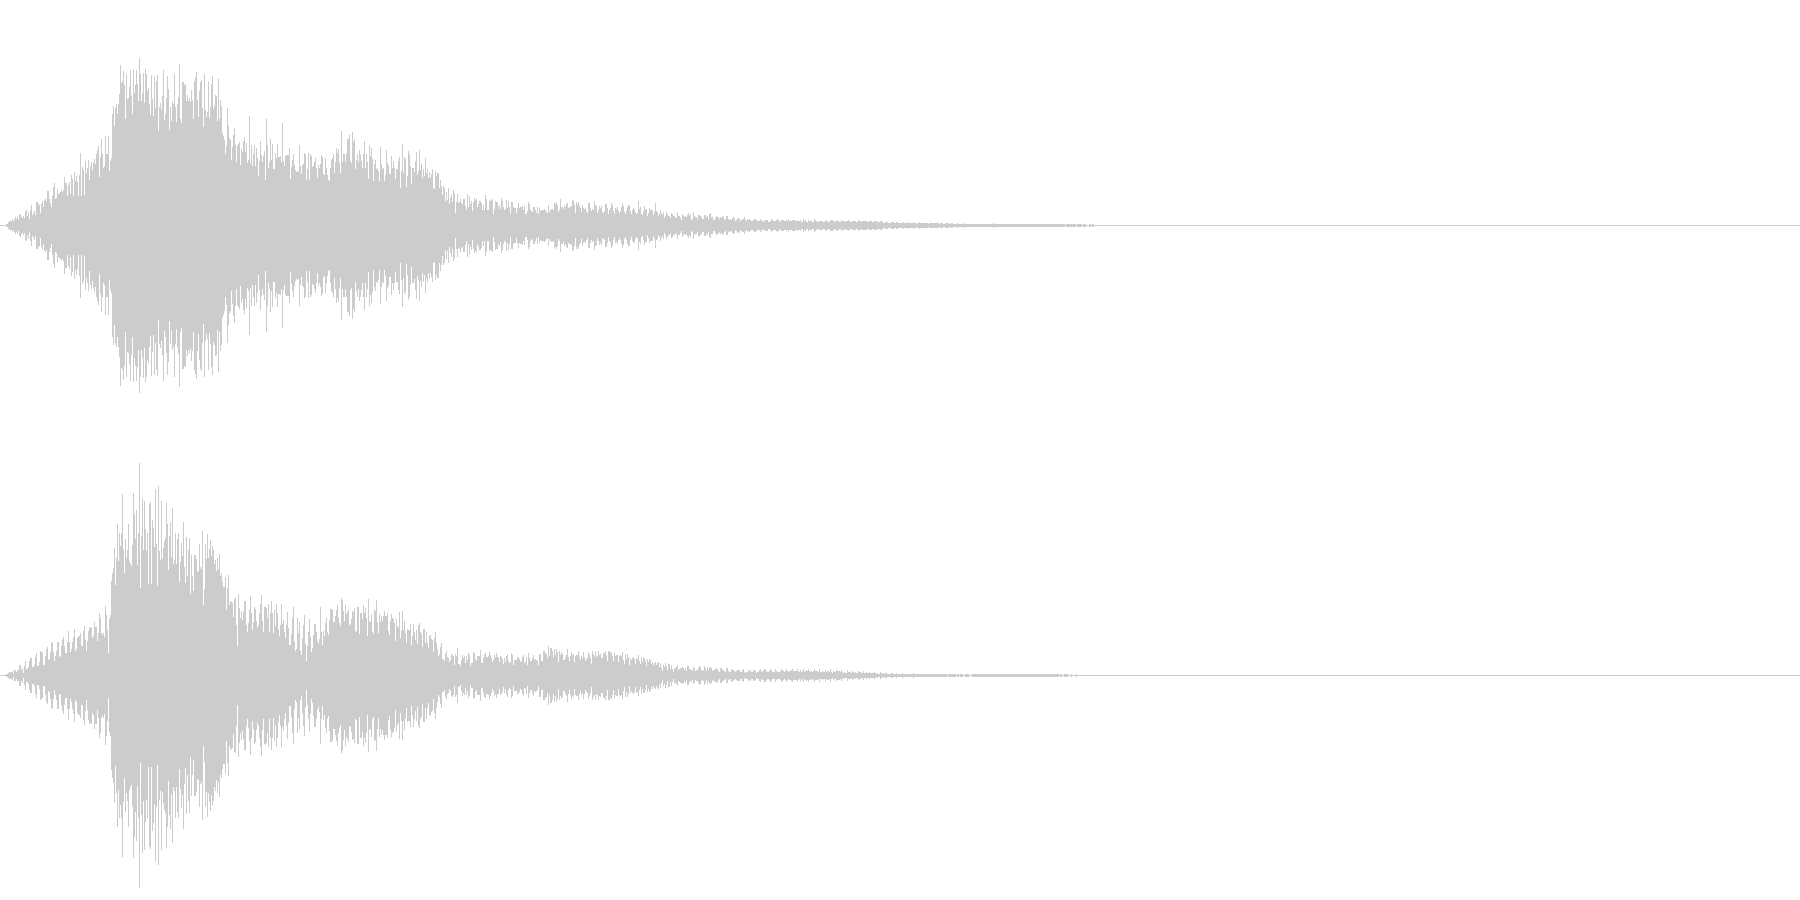 フワープァンプァン…(トピック、テーマ)の未再生の波形